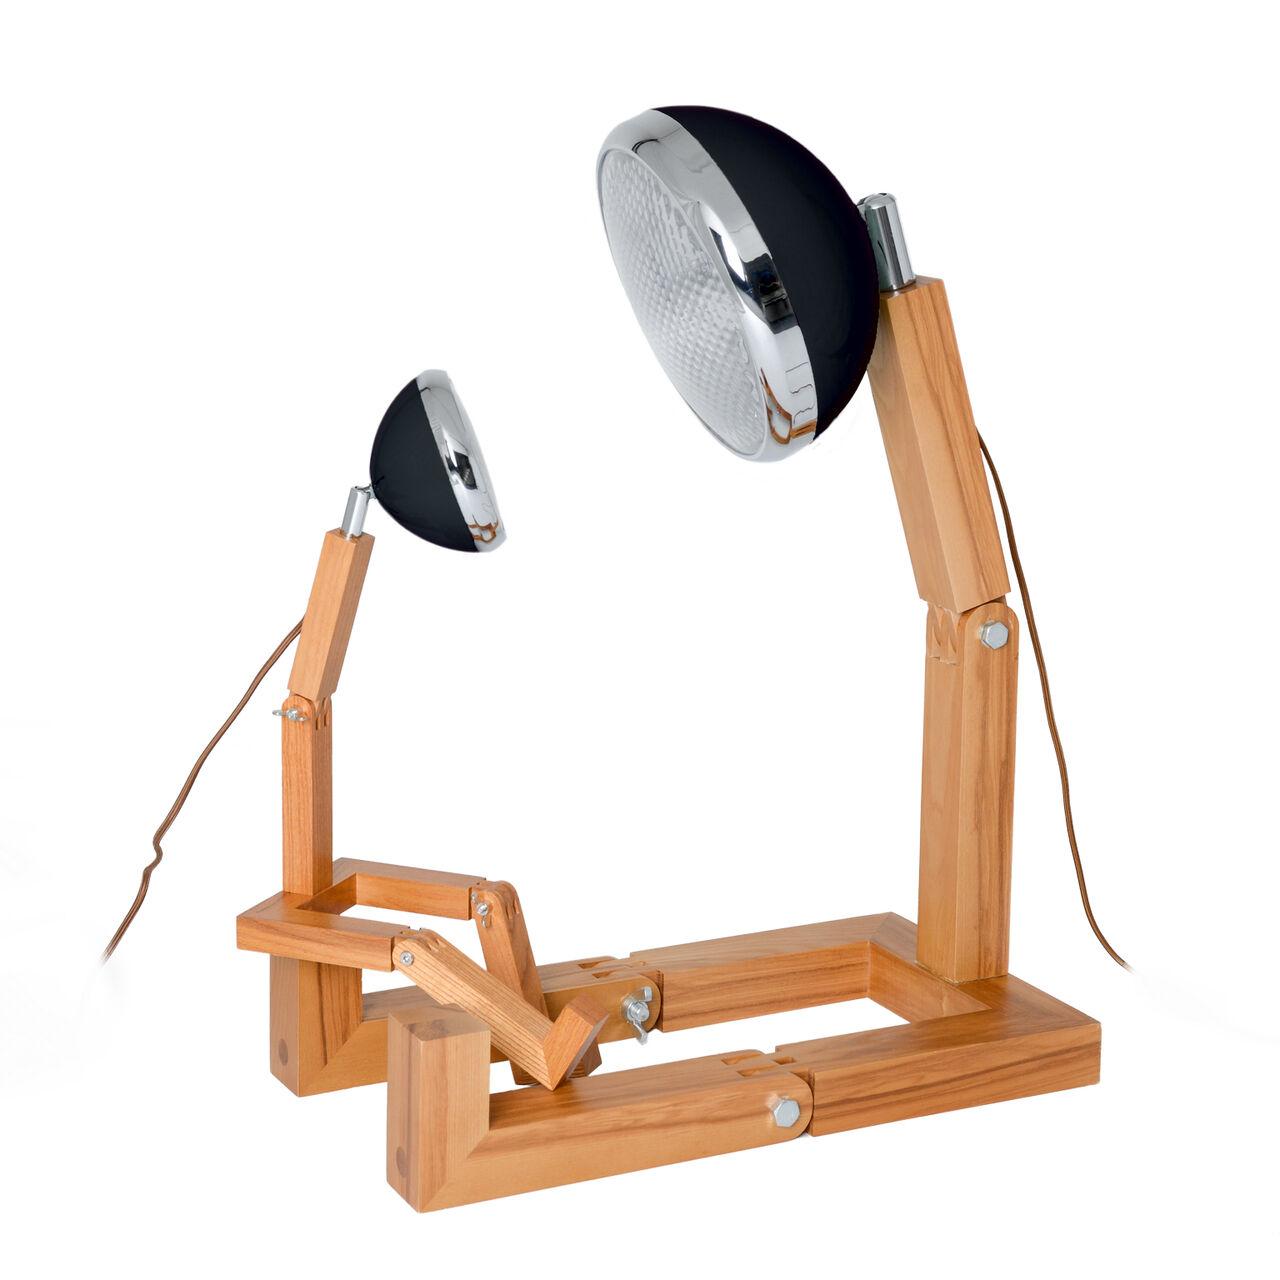 La Maison › Luminaires › Lampes De Table › Lampe Mr Wattson Mini   Boutique cdvshop.com